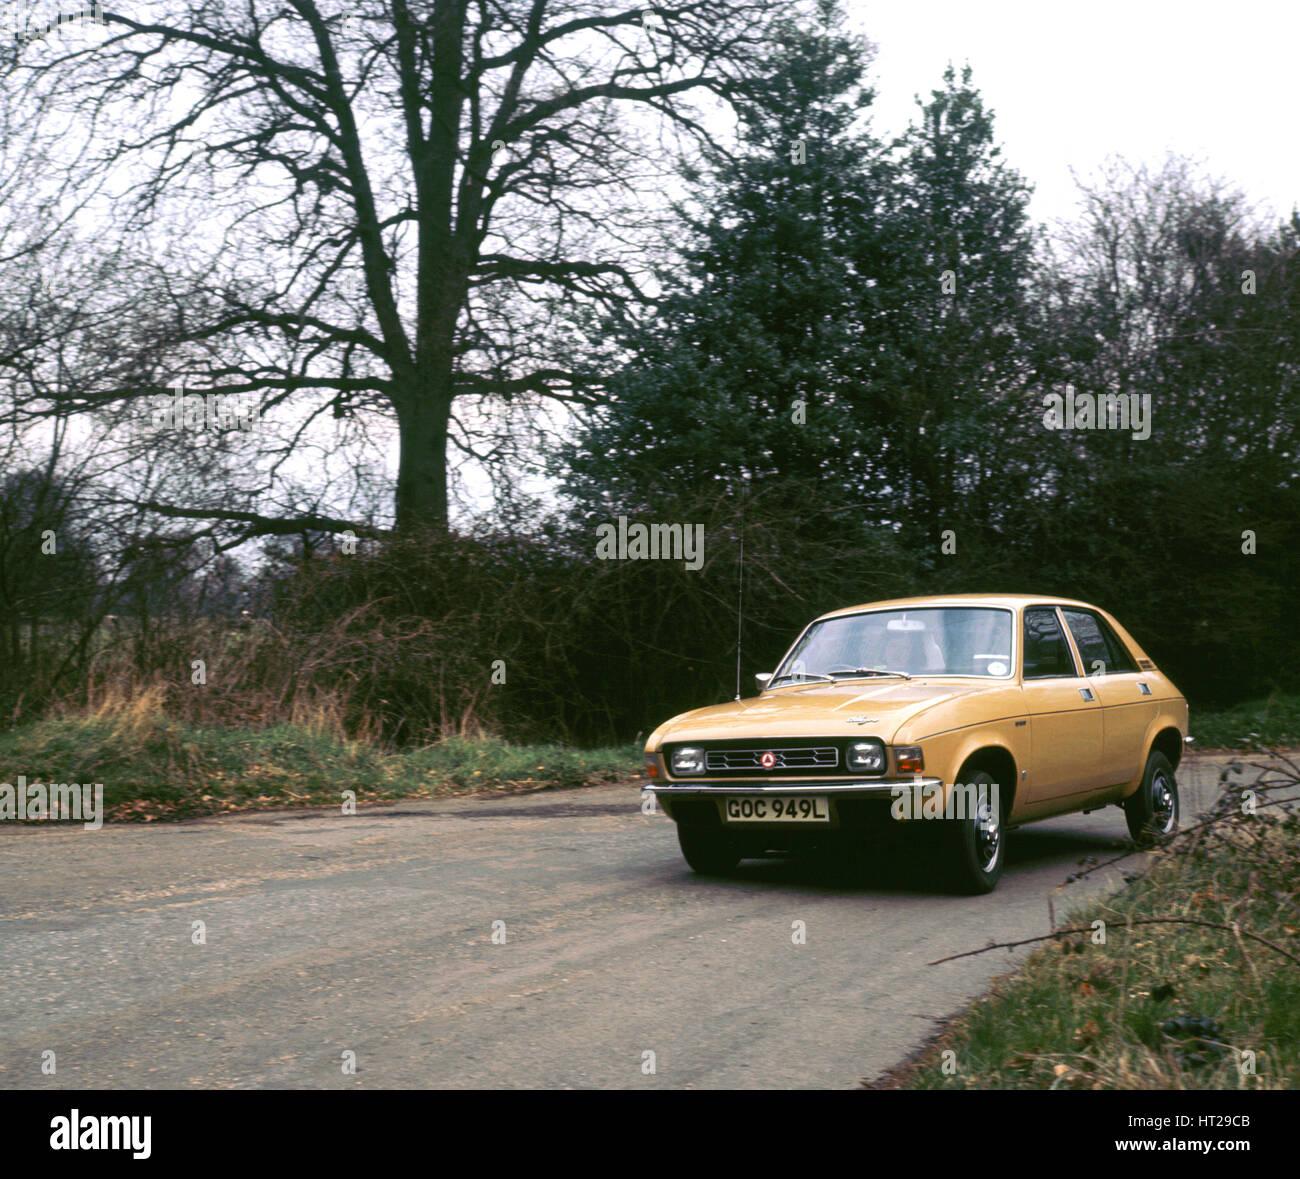 1973 Austin Allegro. Artista: sconosciuto. Immagini Stock